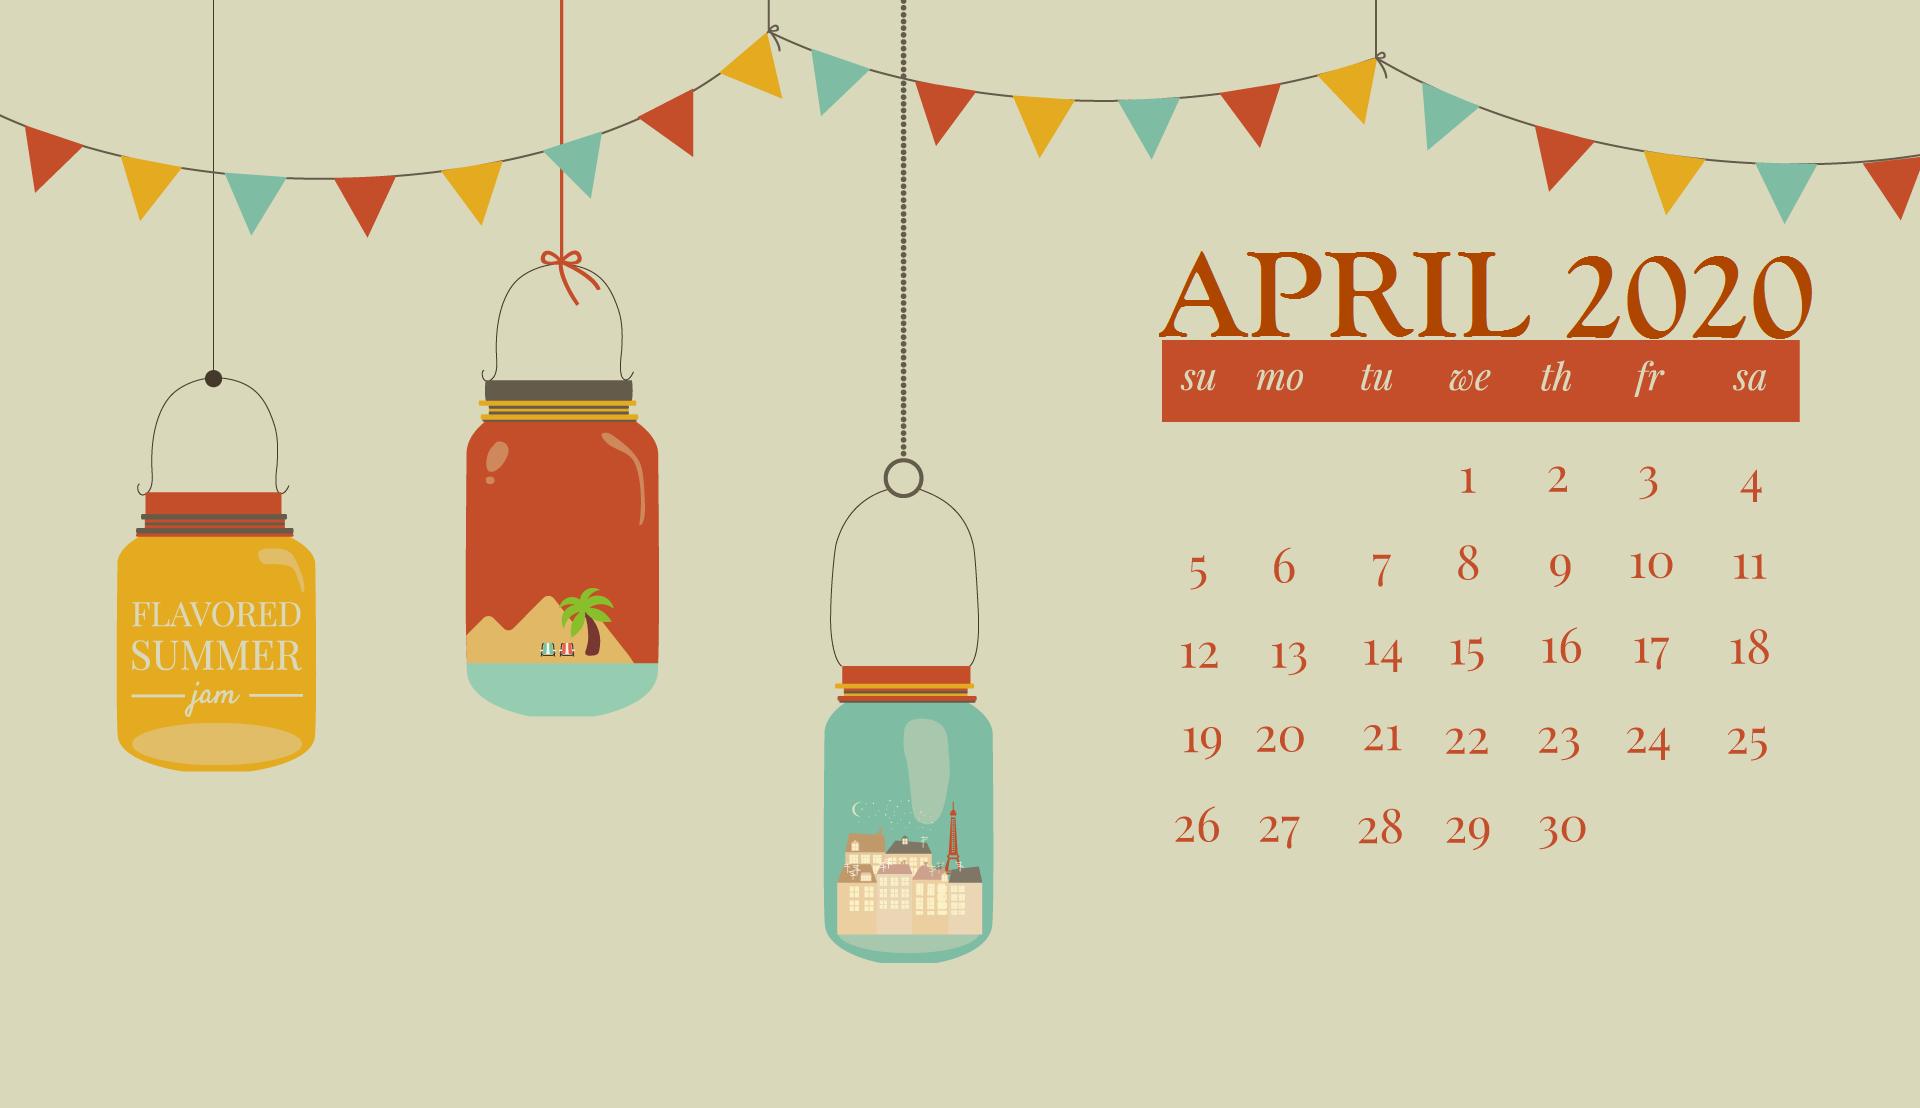 April 2020 Desktop Calendar Wallpaper Desktop wallpaper calendar 1920x1108